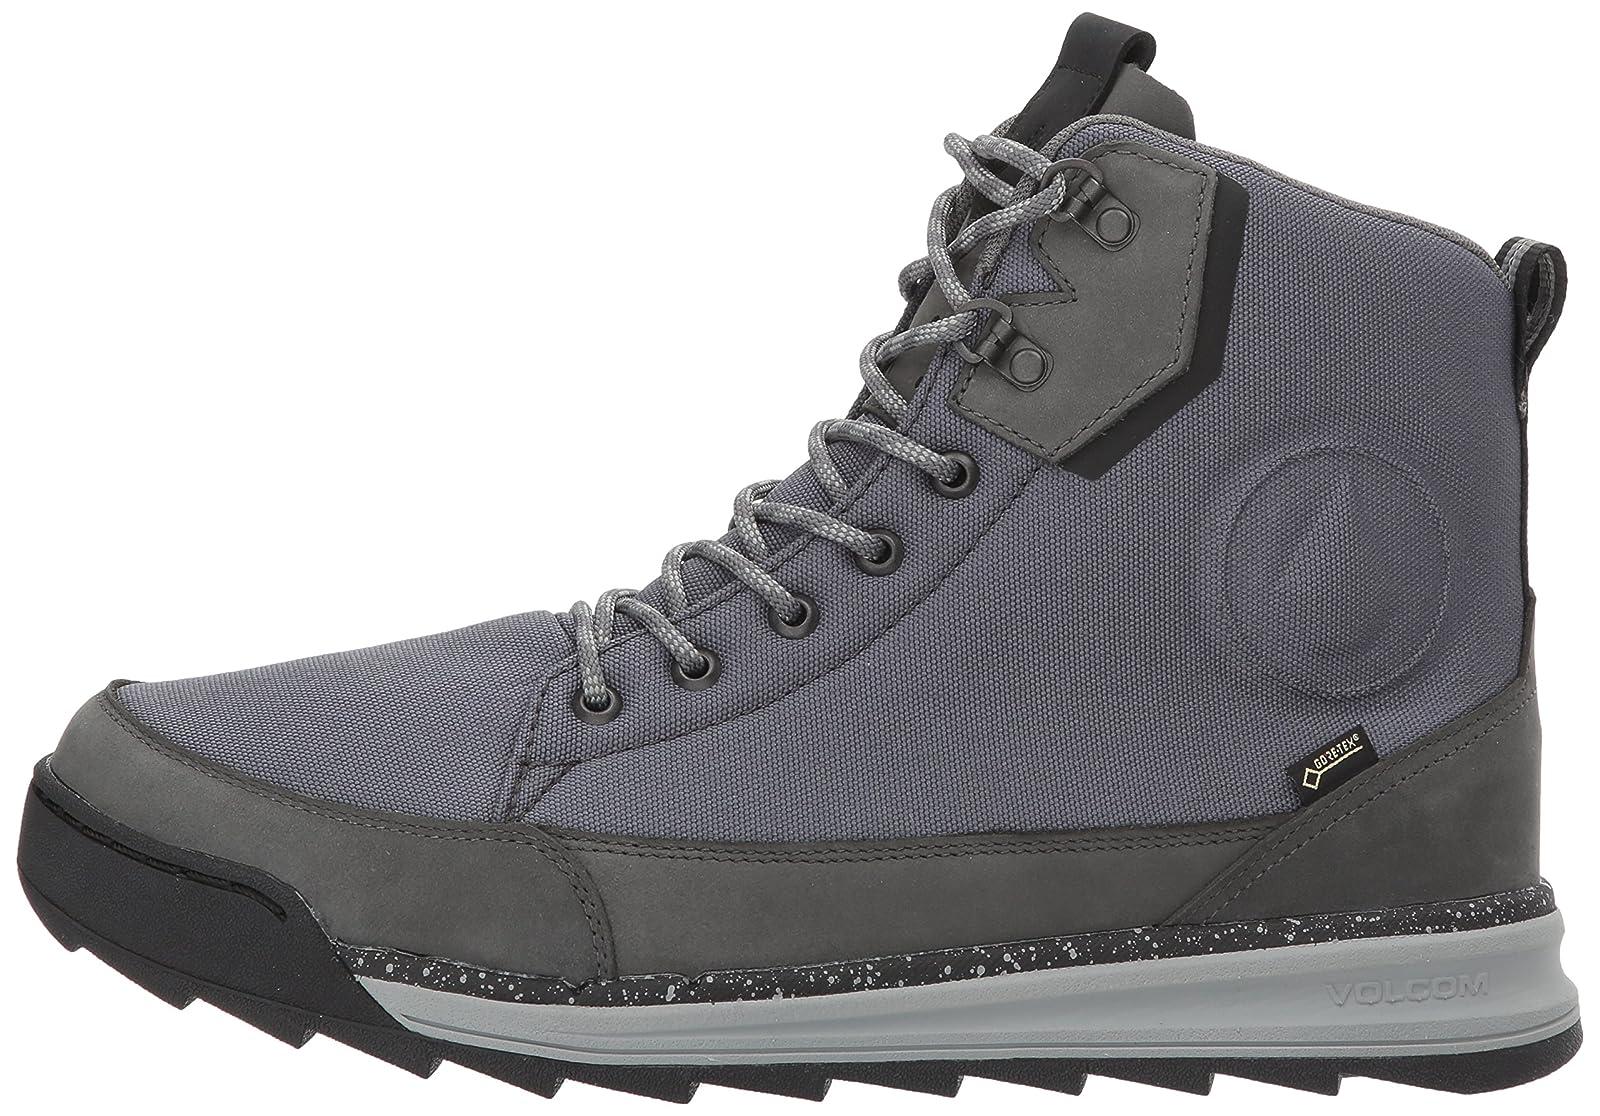 Volcom Men's Roughington Gtx Winter Boot V4031603 - 5